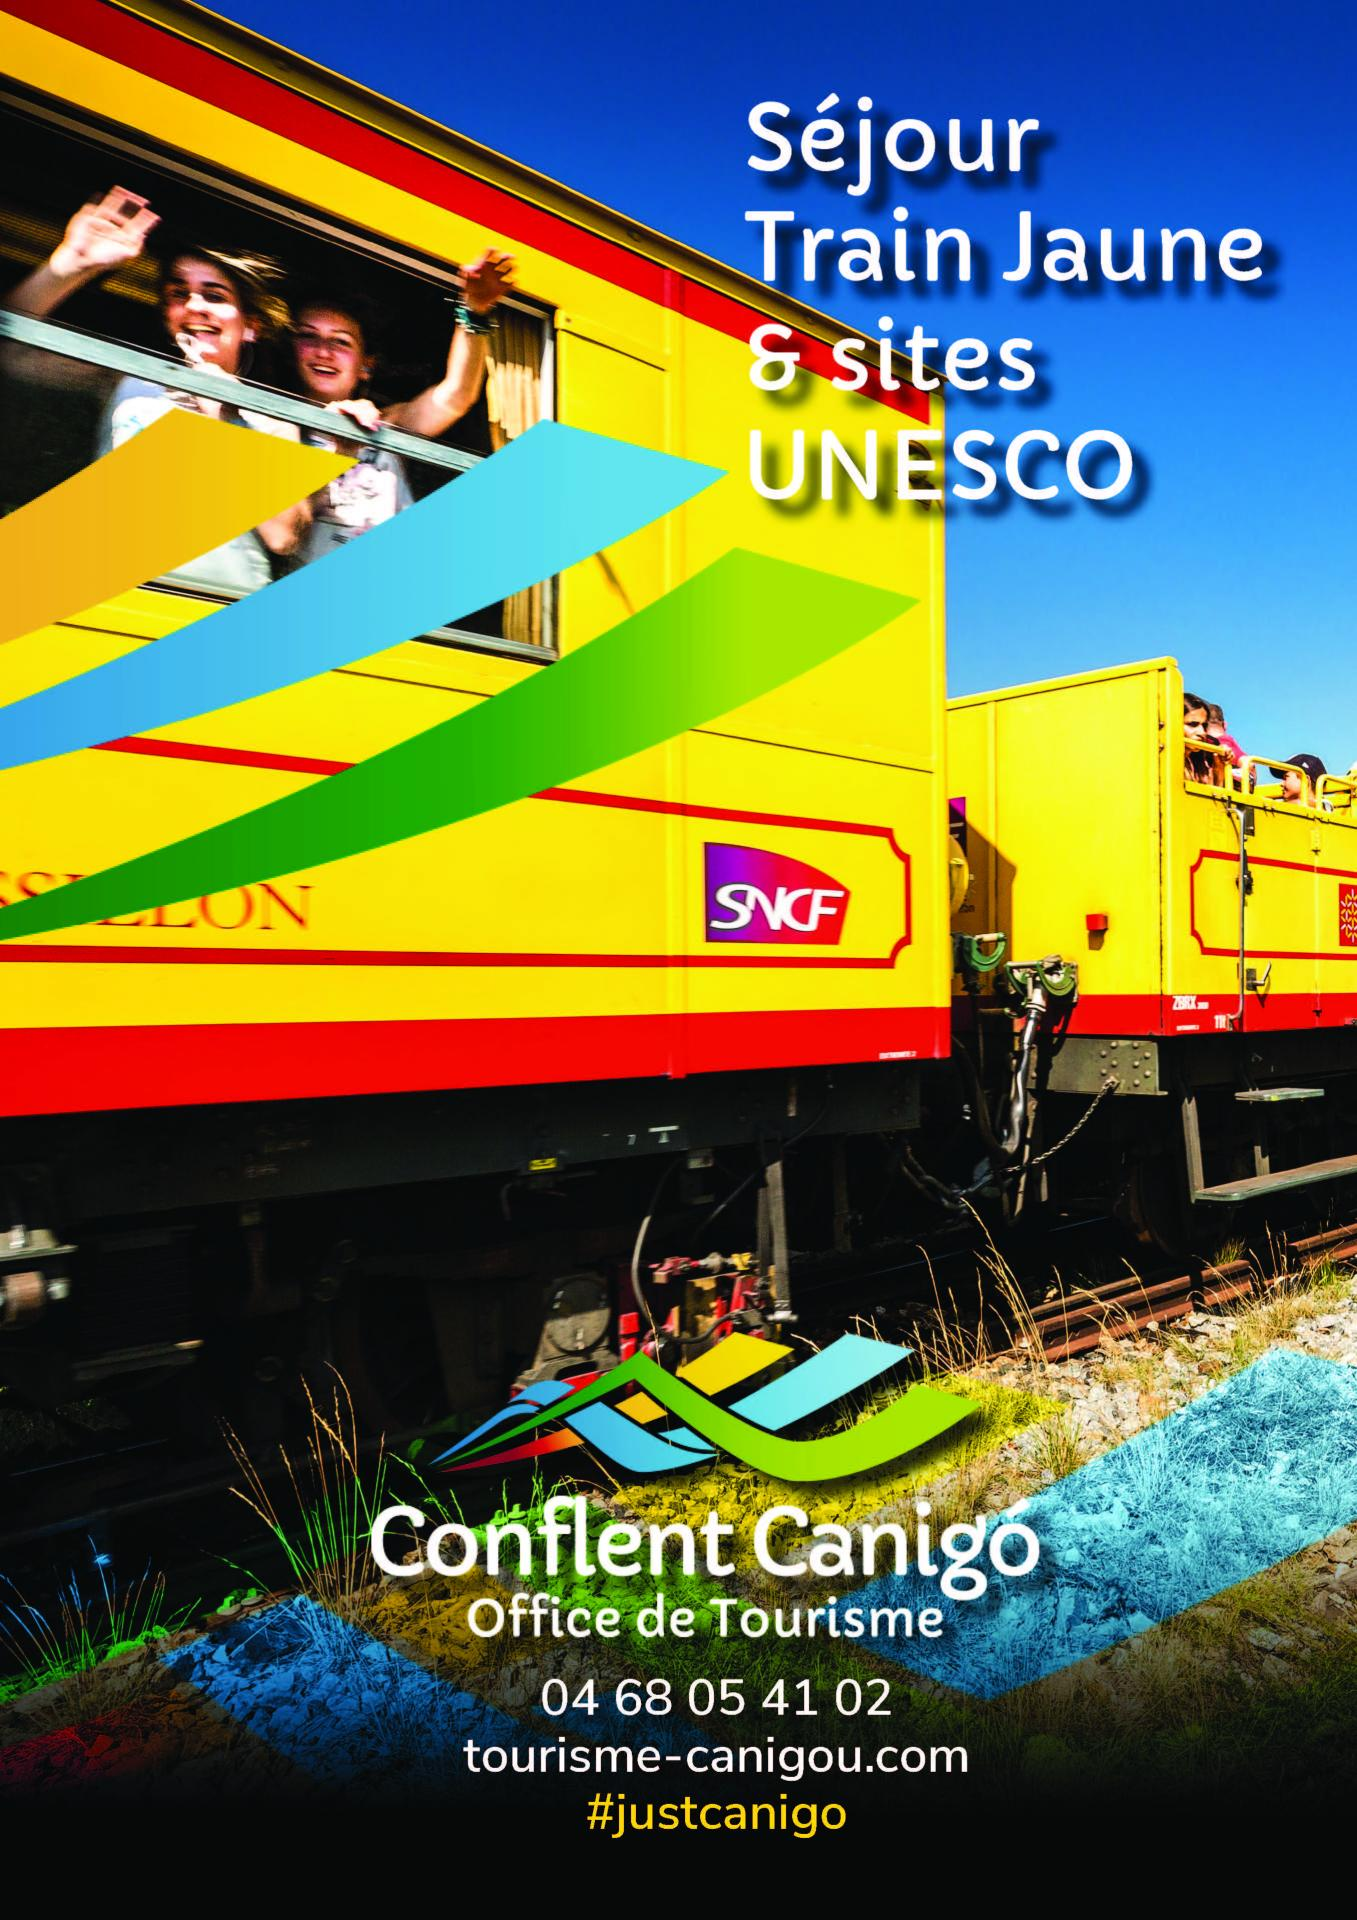 Programme sejour train jaune unesco 1 7 novembre 2021 page 1